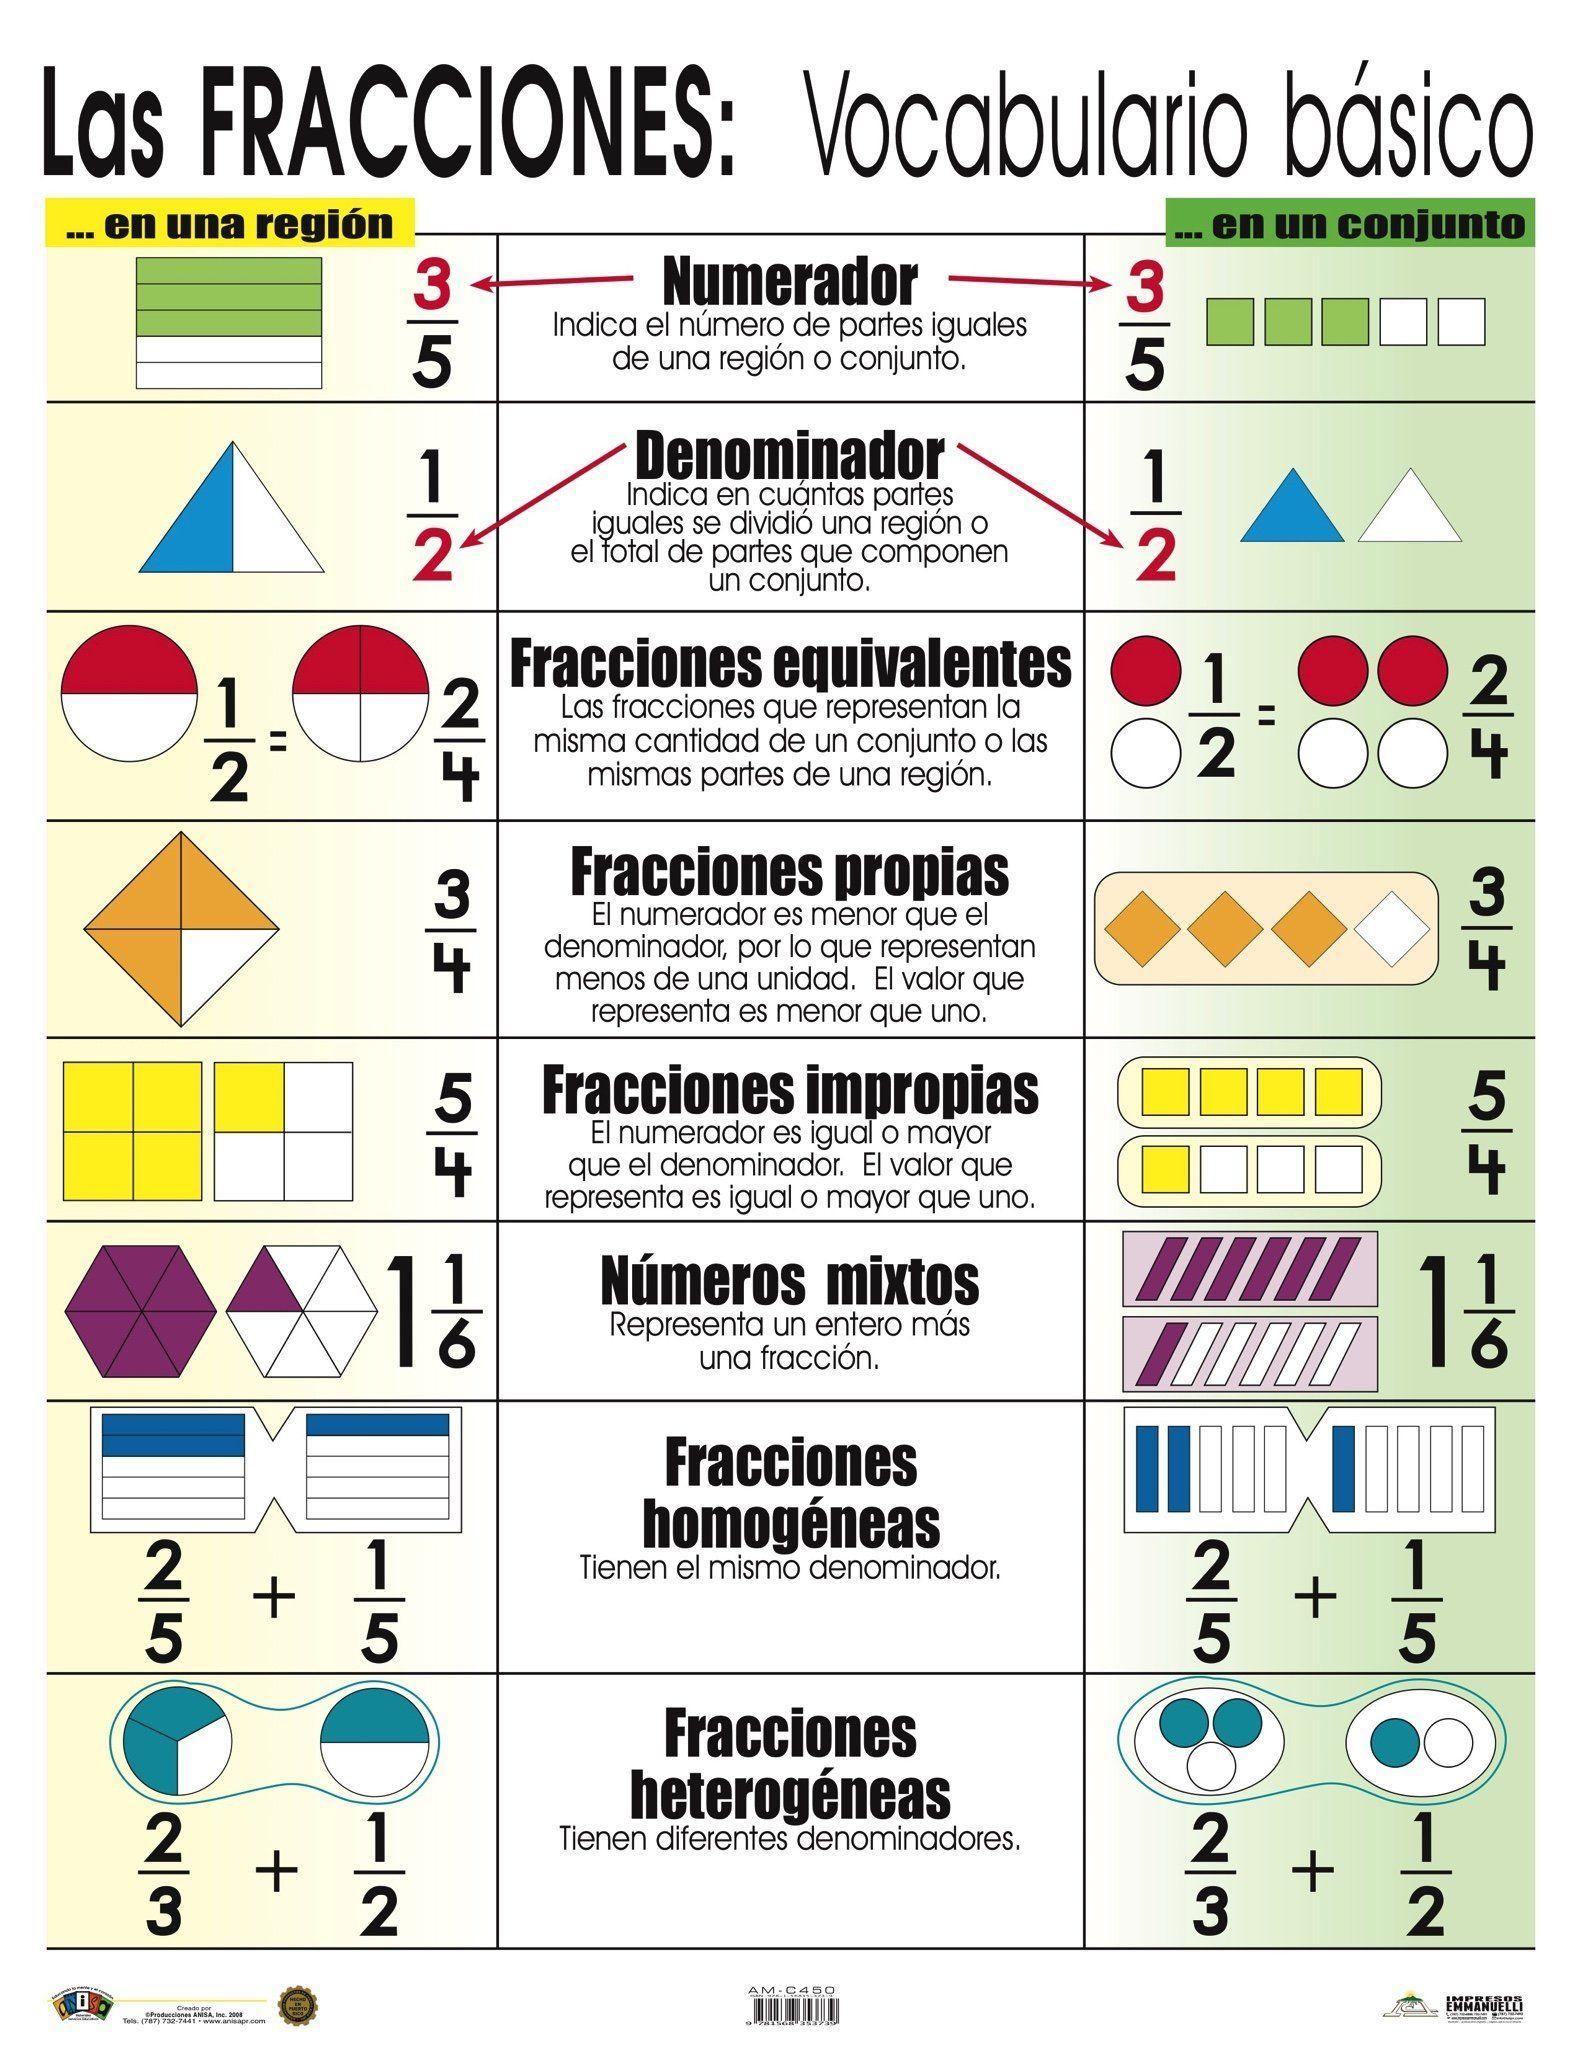 Am C450 Las Fracciones Vocabulario Básico Matematicas Fracciones Fracciones Fracciones Para Primaria